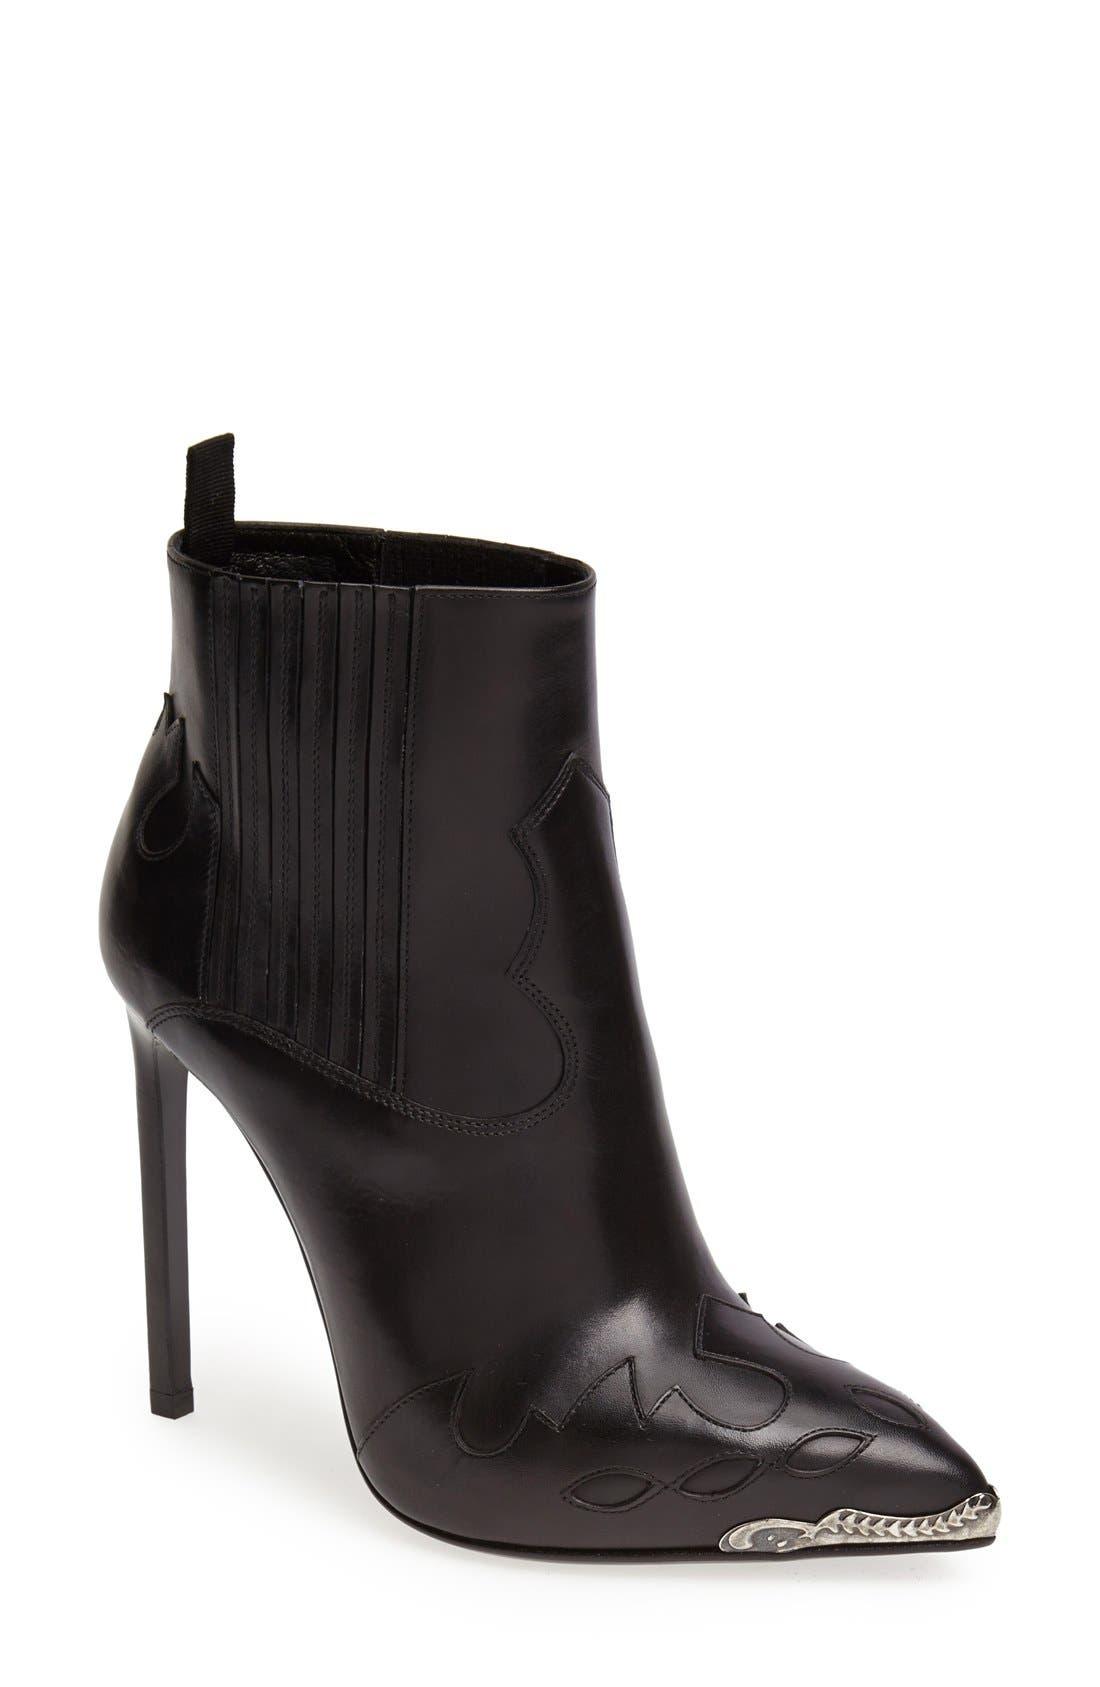 Main Image - Saint Laurent Metallic Toe Bootie (Women)